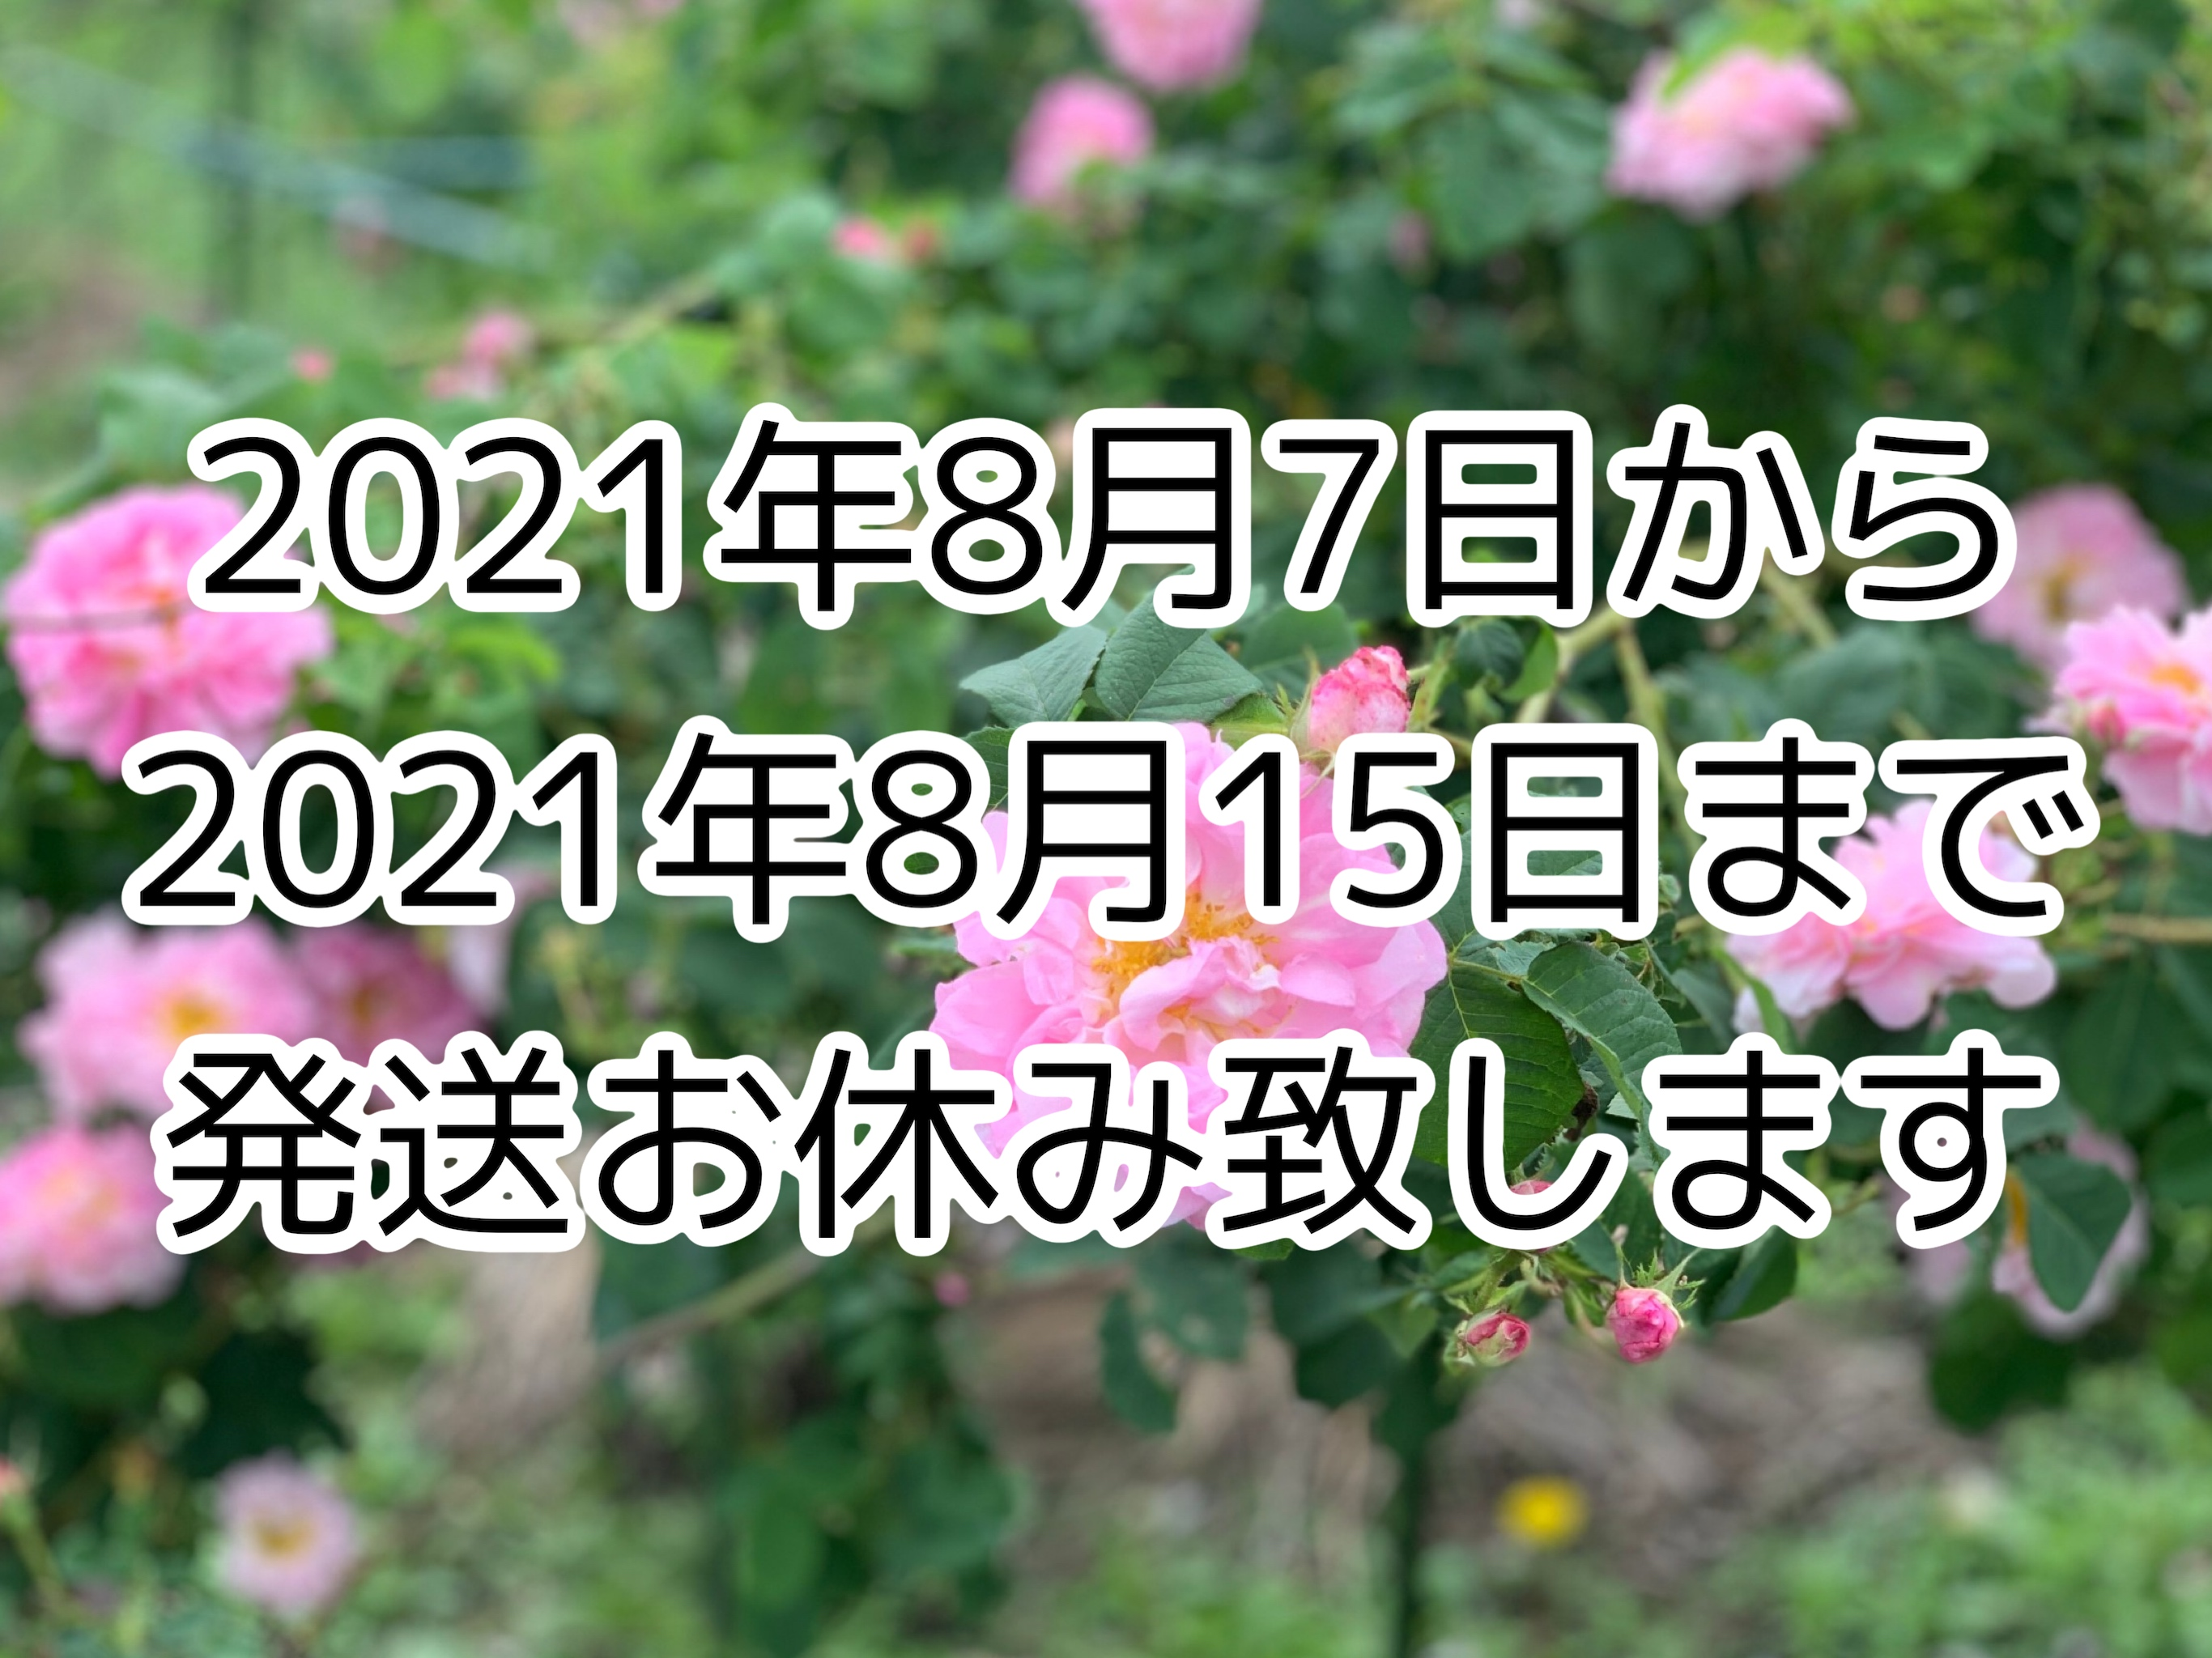 【休業のお知らせ】8/7〜8/15まで、休暇に伴い全ての発送がおやすみとなります